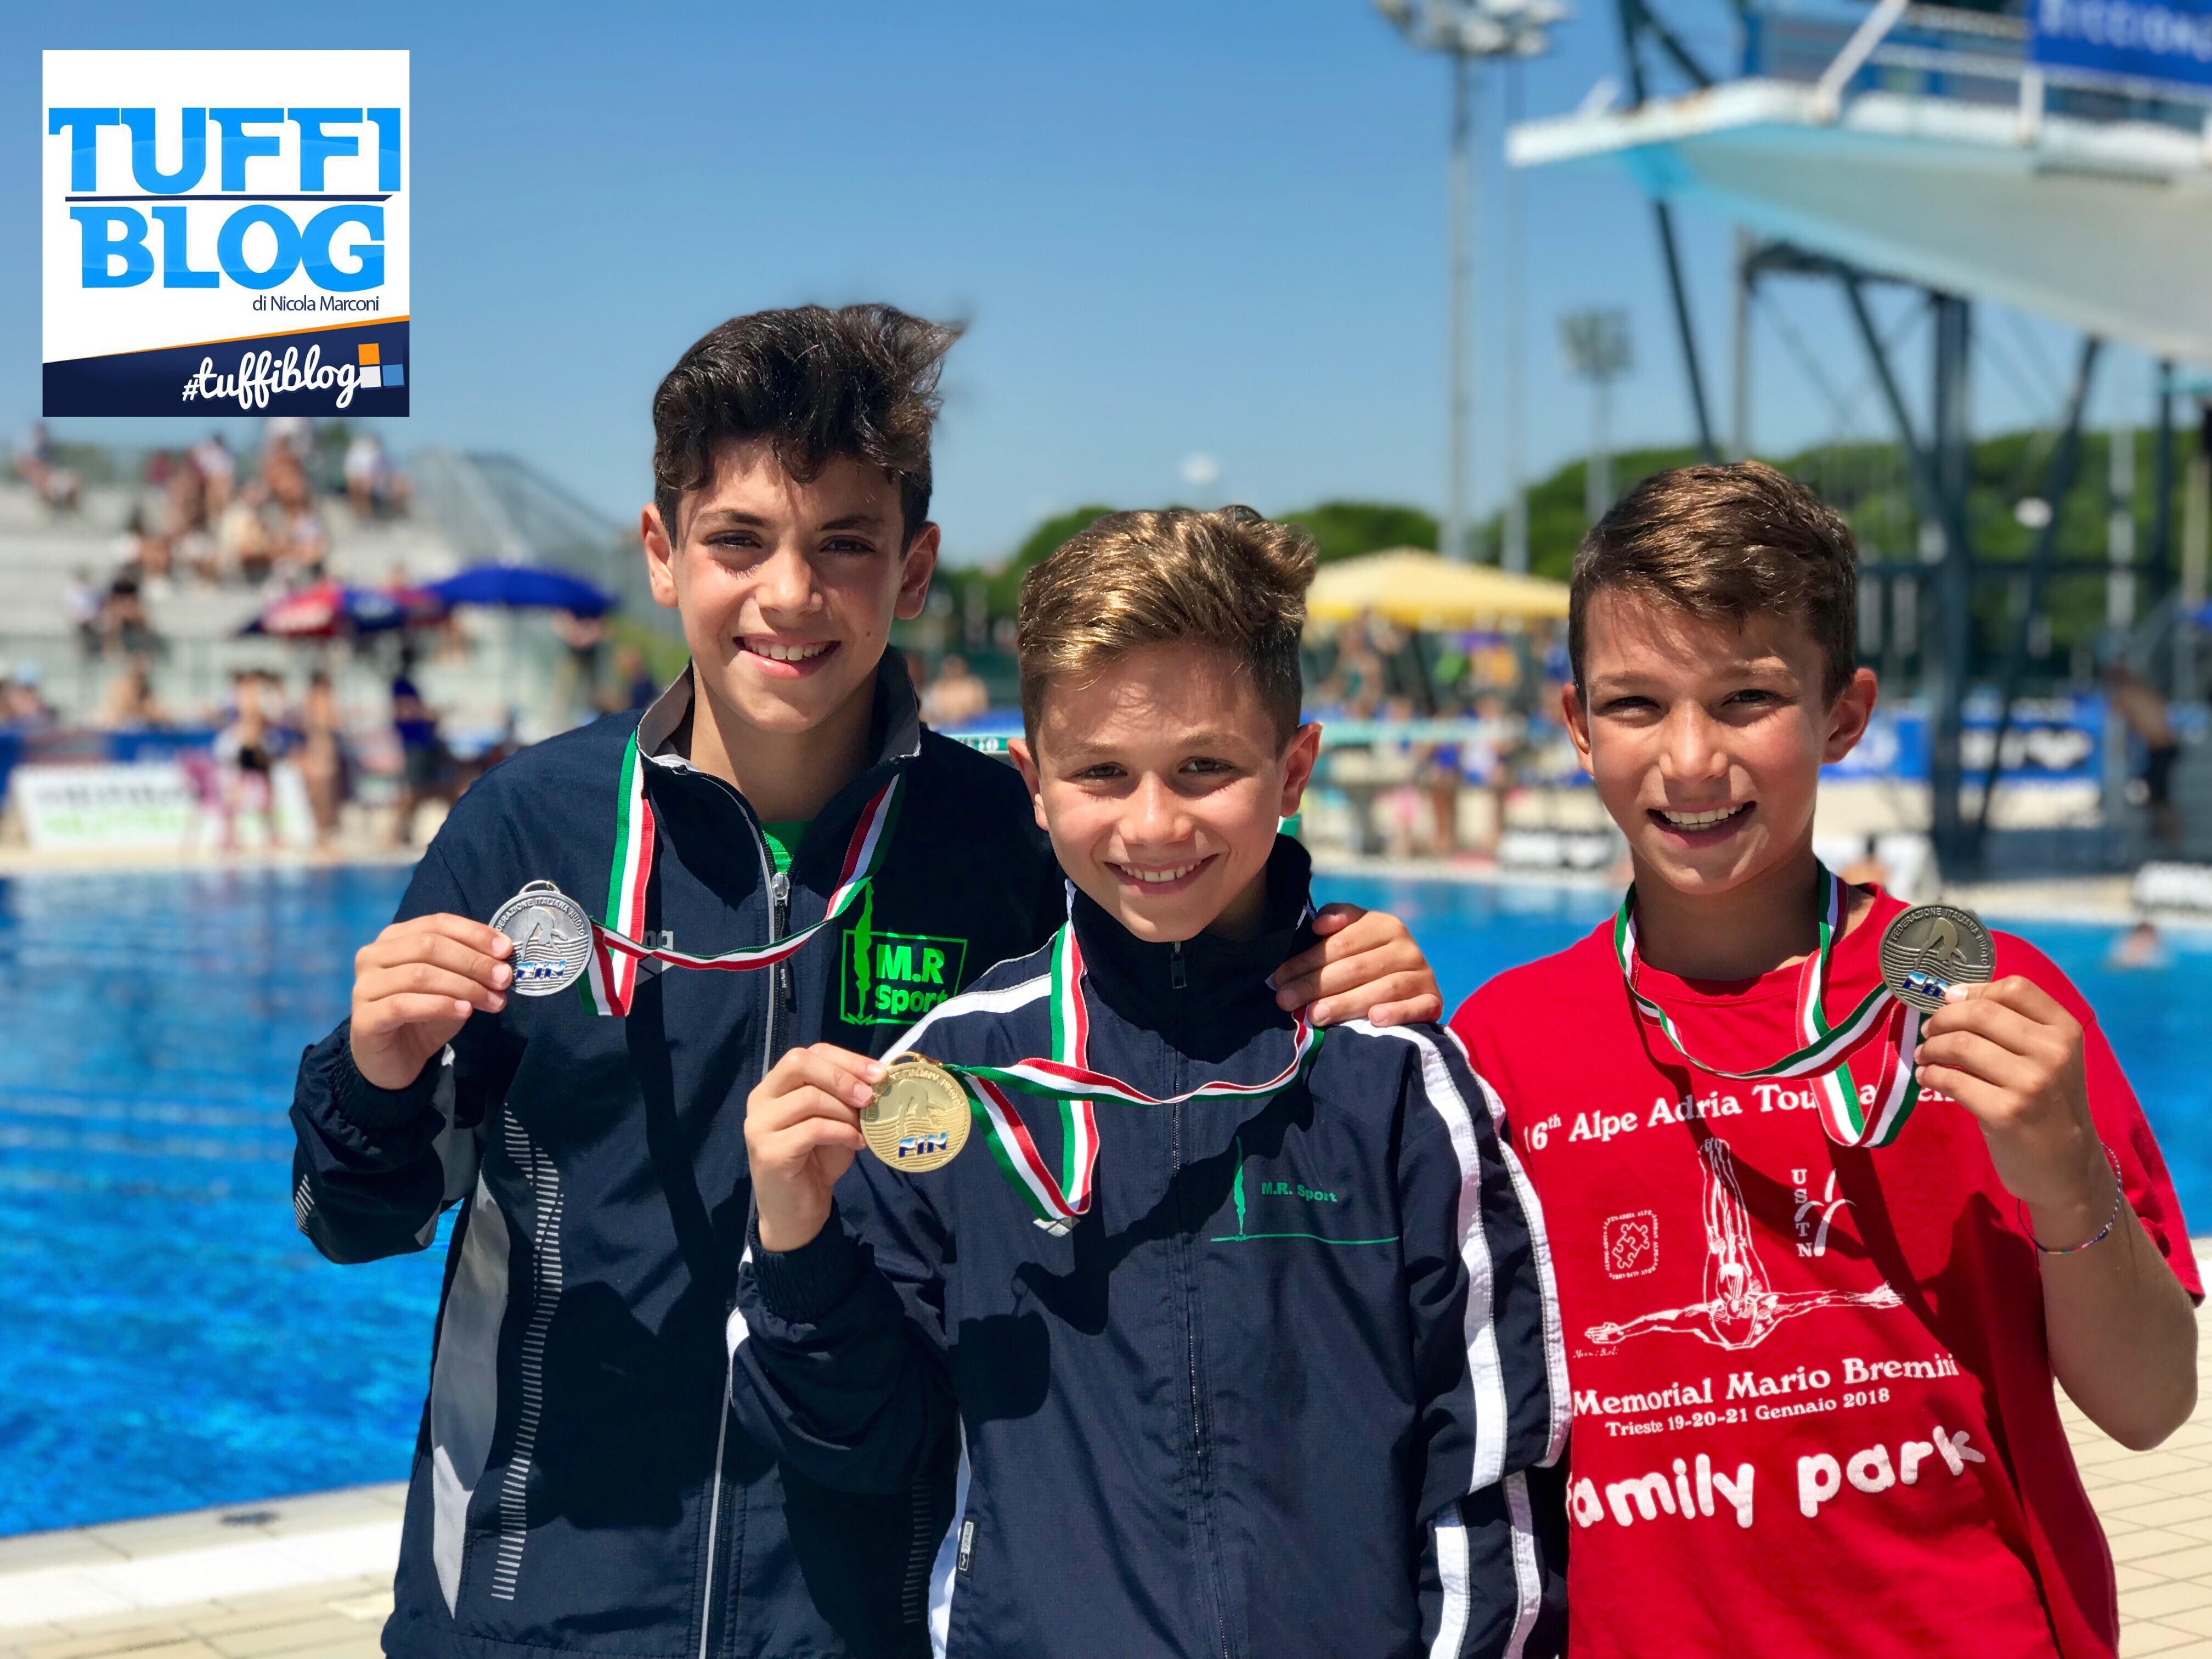 Finale Trofeo Giovanissimi: Riccione - I risultati della 2ª giornata di gare.